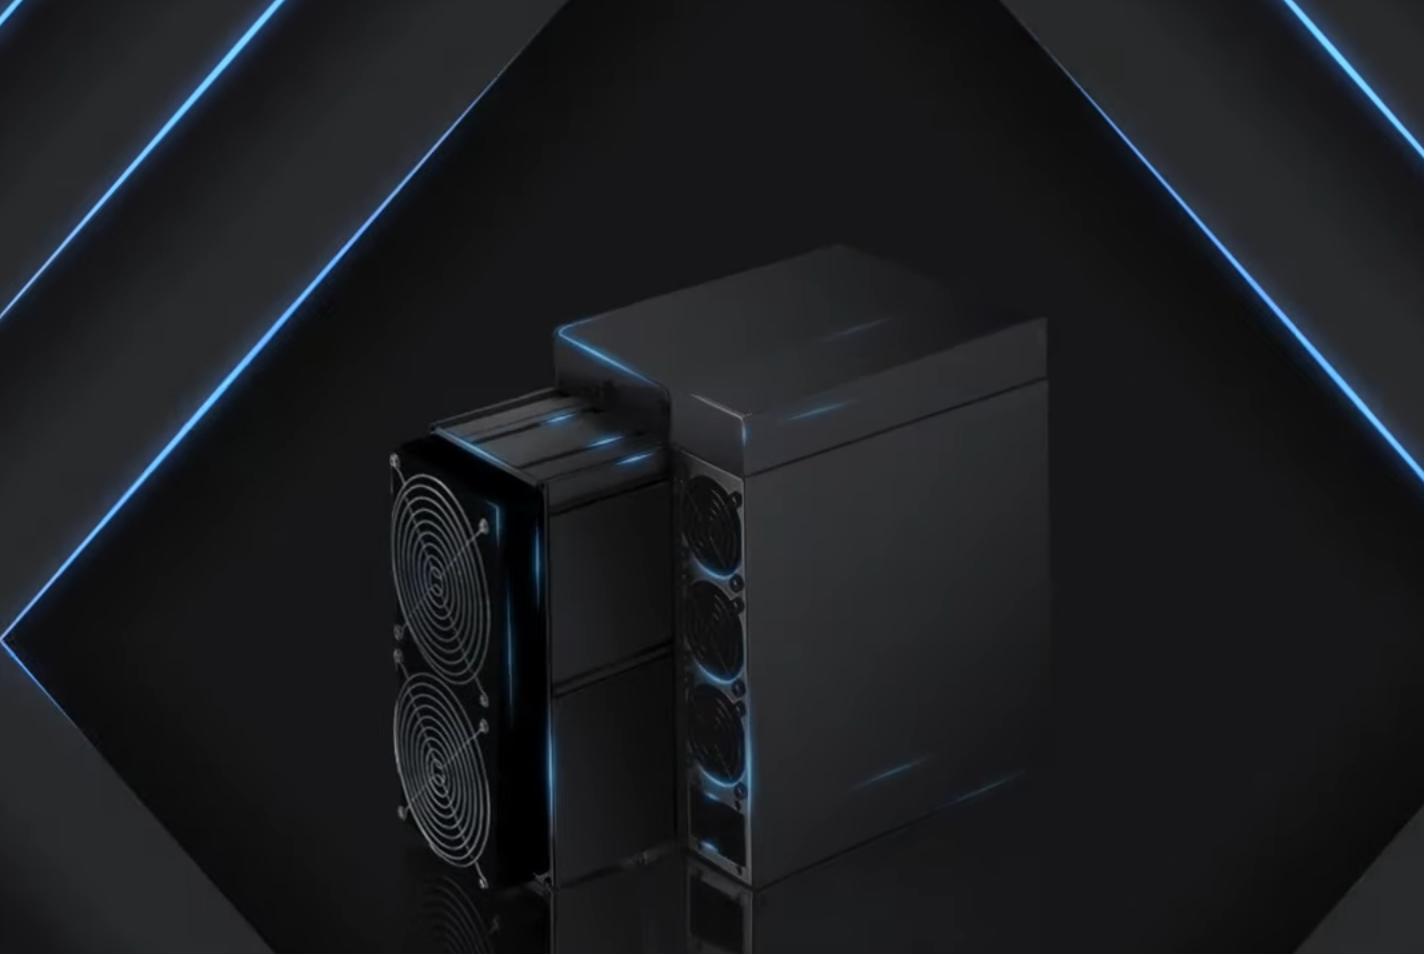 Welcher Computer kann etheeum